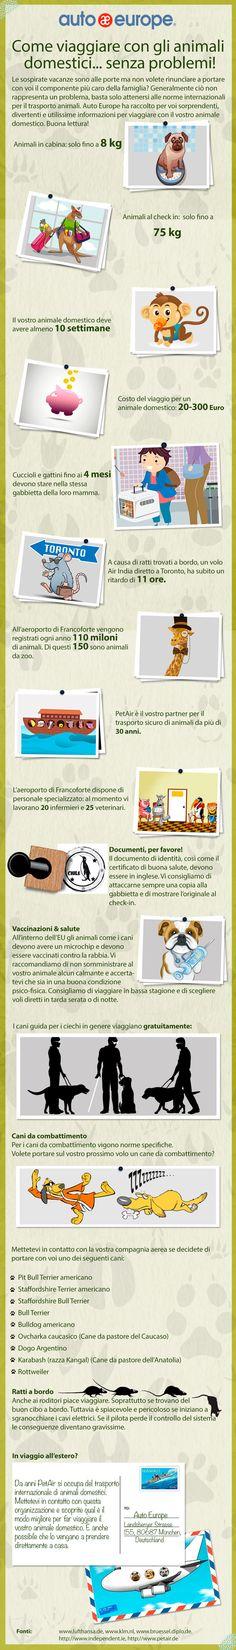 Infografica: In viaggio con gli animali - Consulta qui le altre infografiche di Auto Europe: http://www.autoeurope.it/go/infografiche/